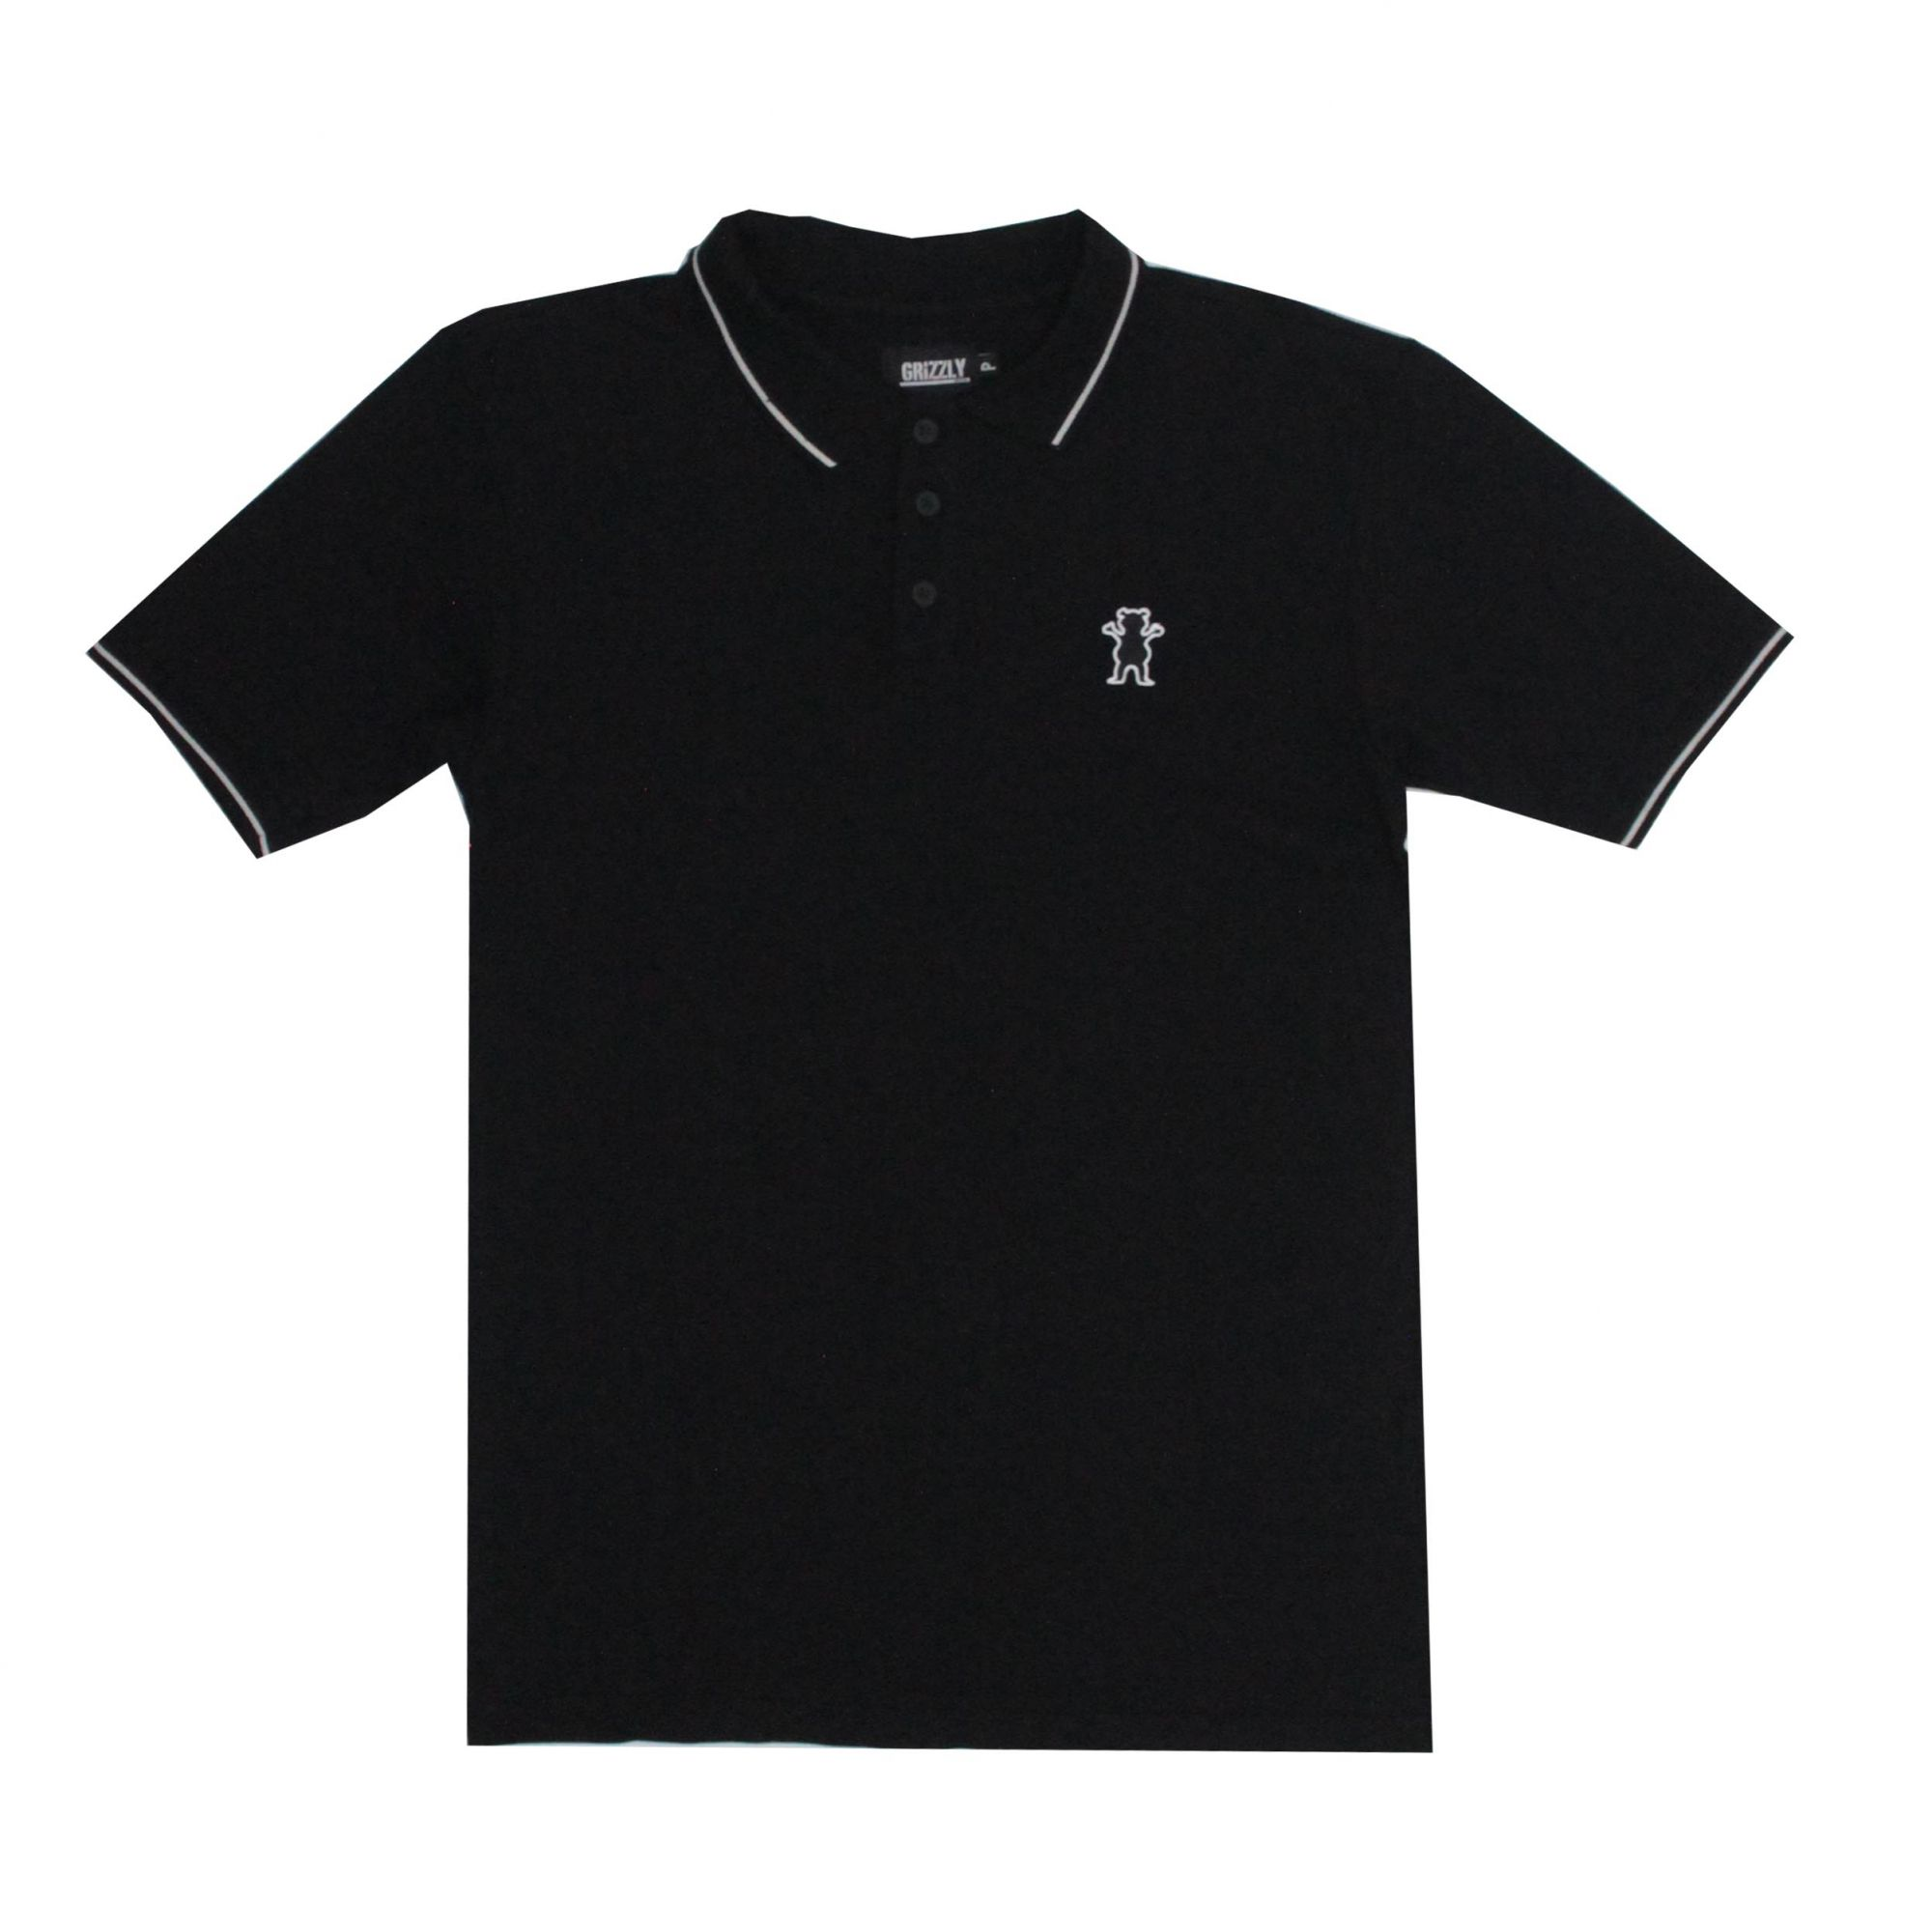 Camisa Grizzly Polo Bear - Preto